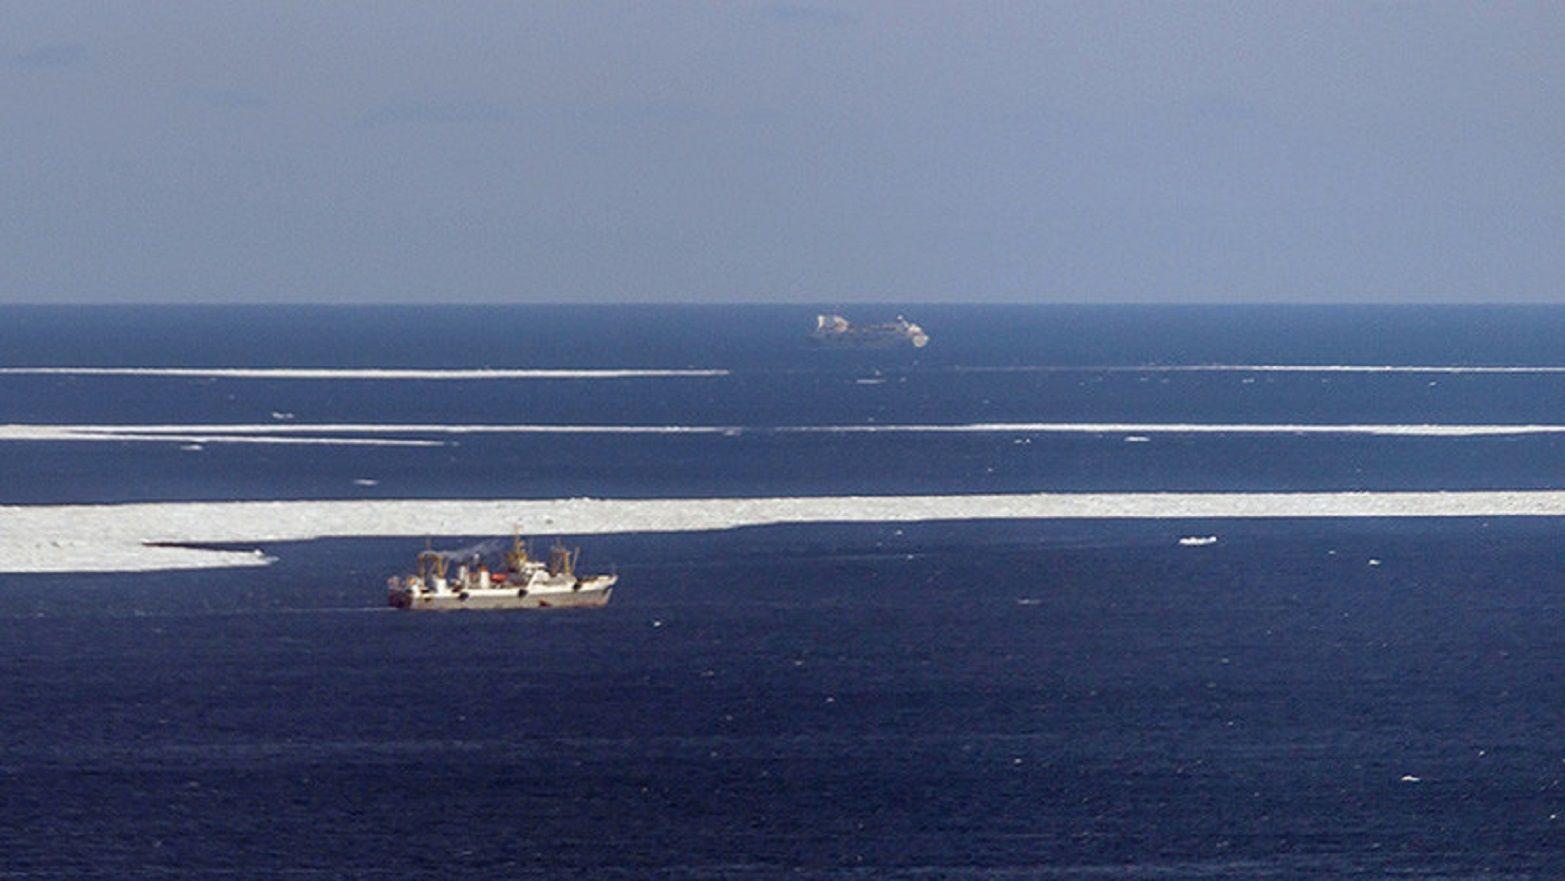 Operación de búsqueda del barco pesquero ruso Vostok.